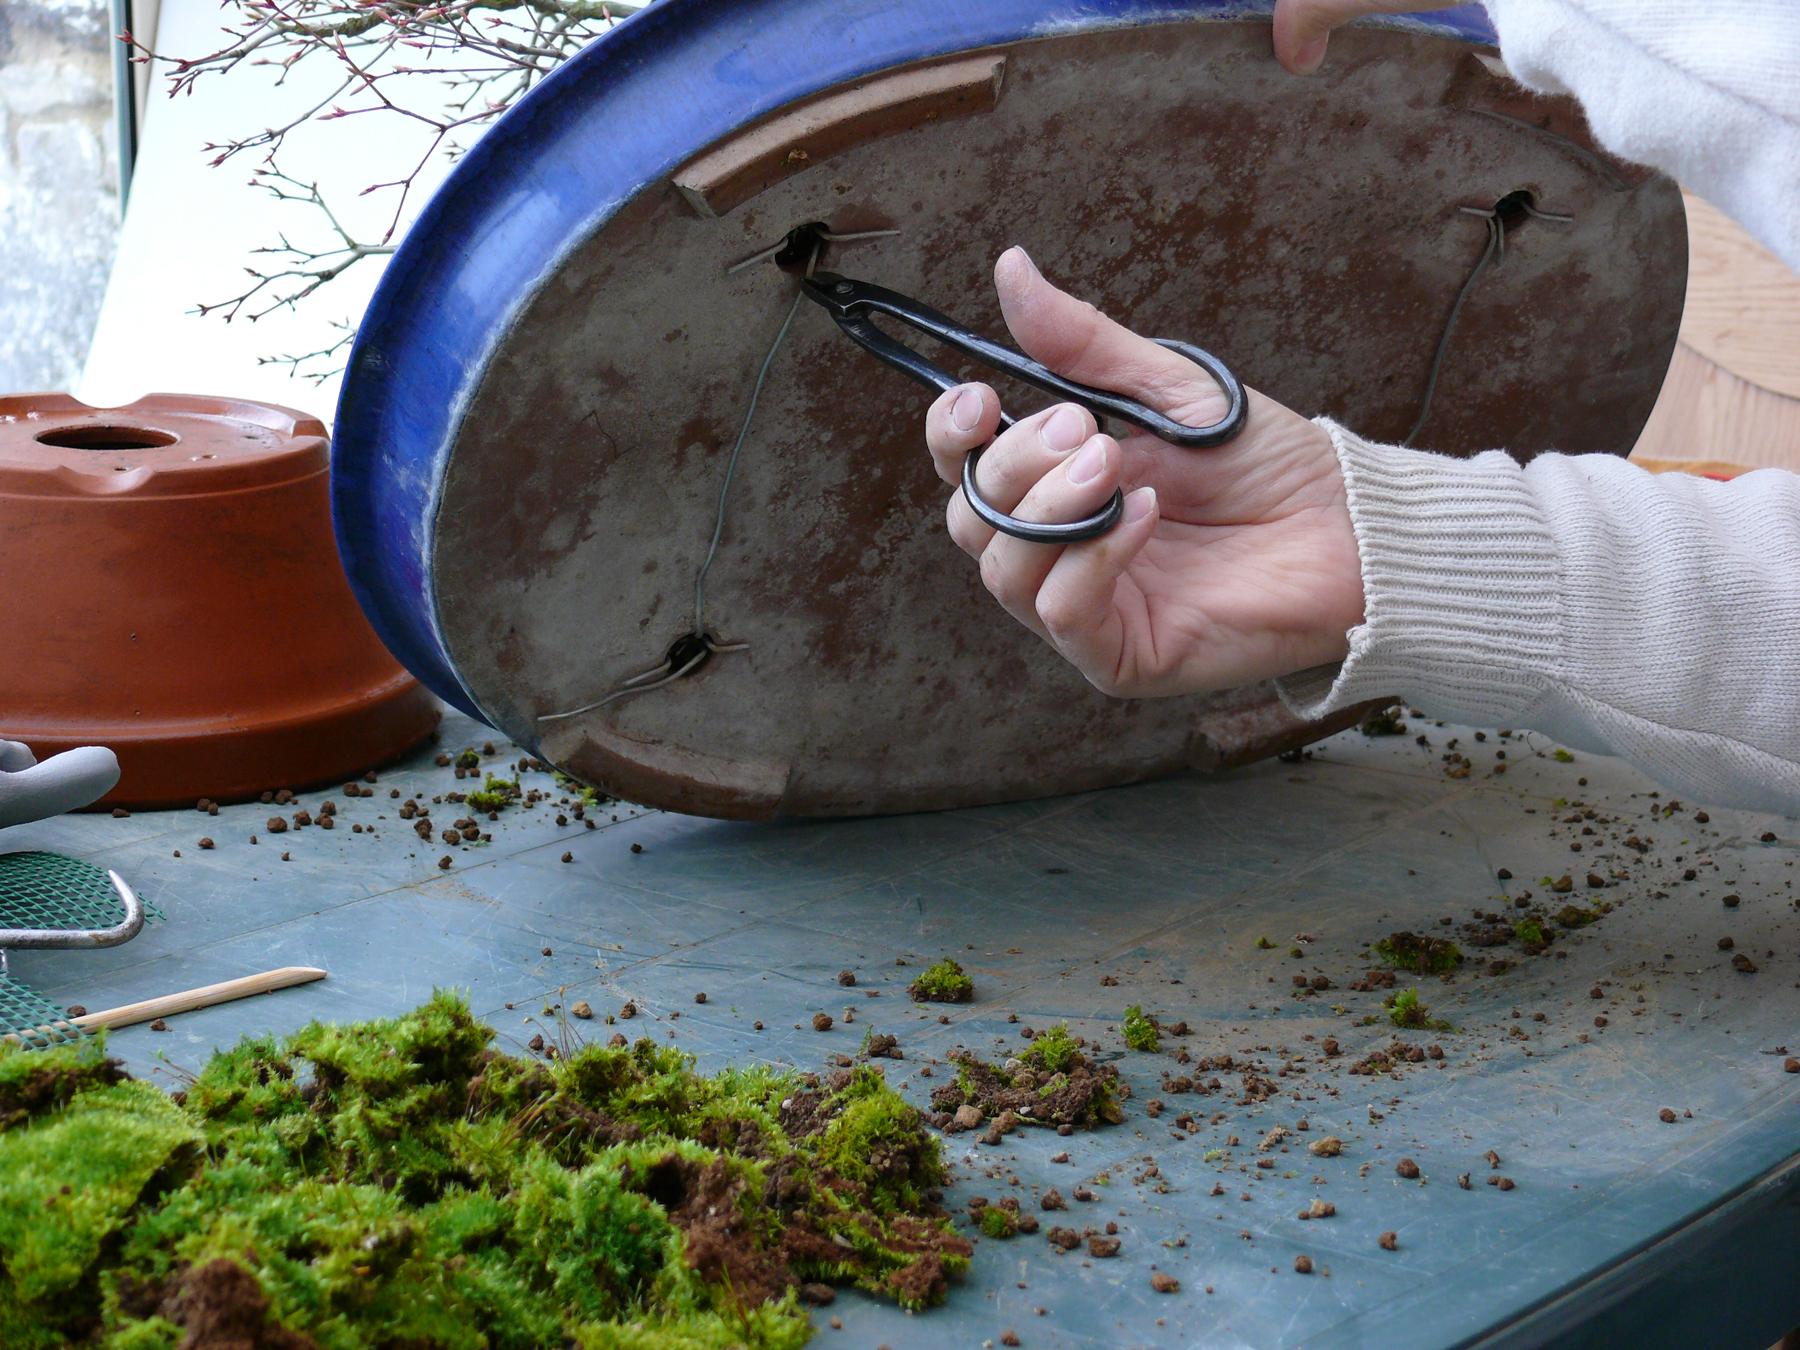 Pourquoi fixer un bonsai à son pot ?